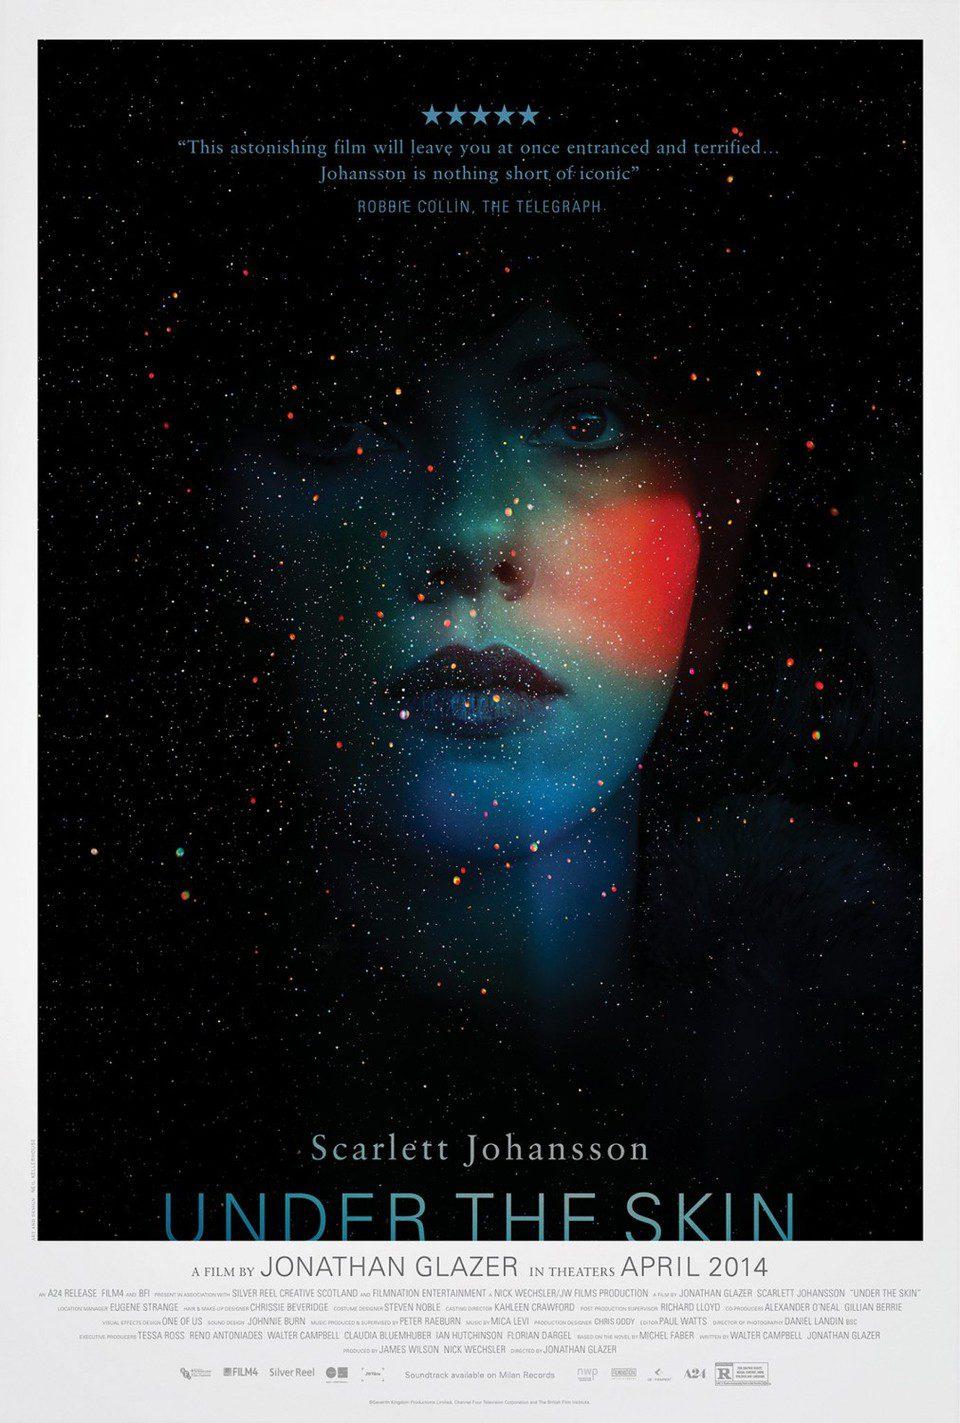 Cartel EEUU de 'Under the Skin'